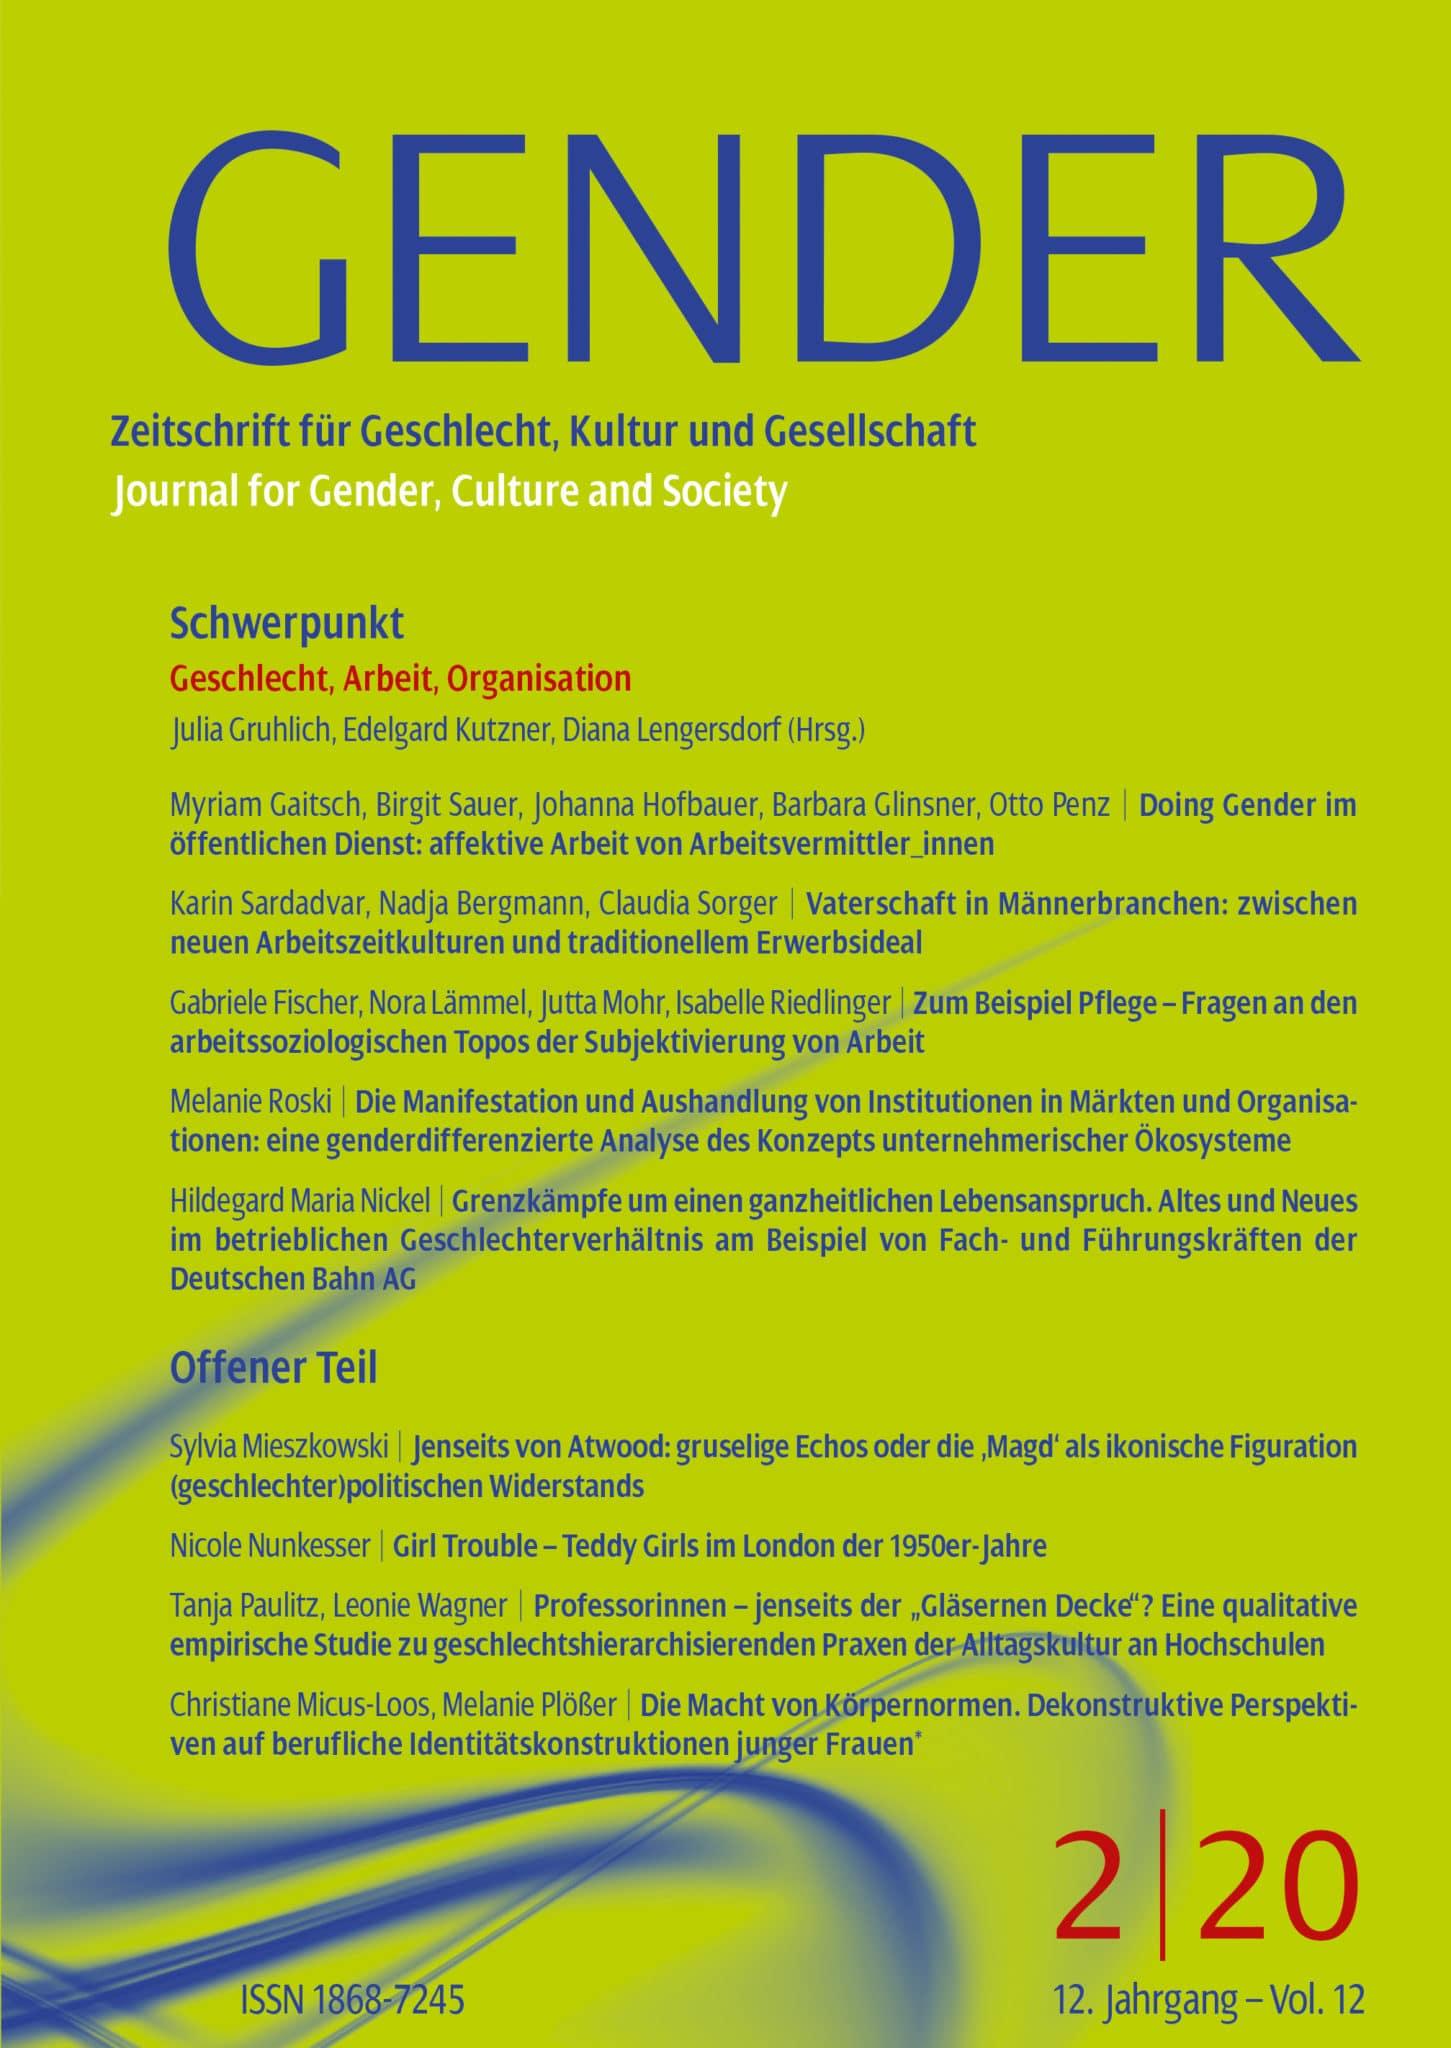 GENDER – Zeitschrift für Geschlecht, Kultur und Gesellschaft 2-2020: Geschlecht, Arbeit, Organisation